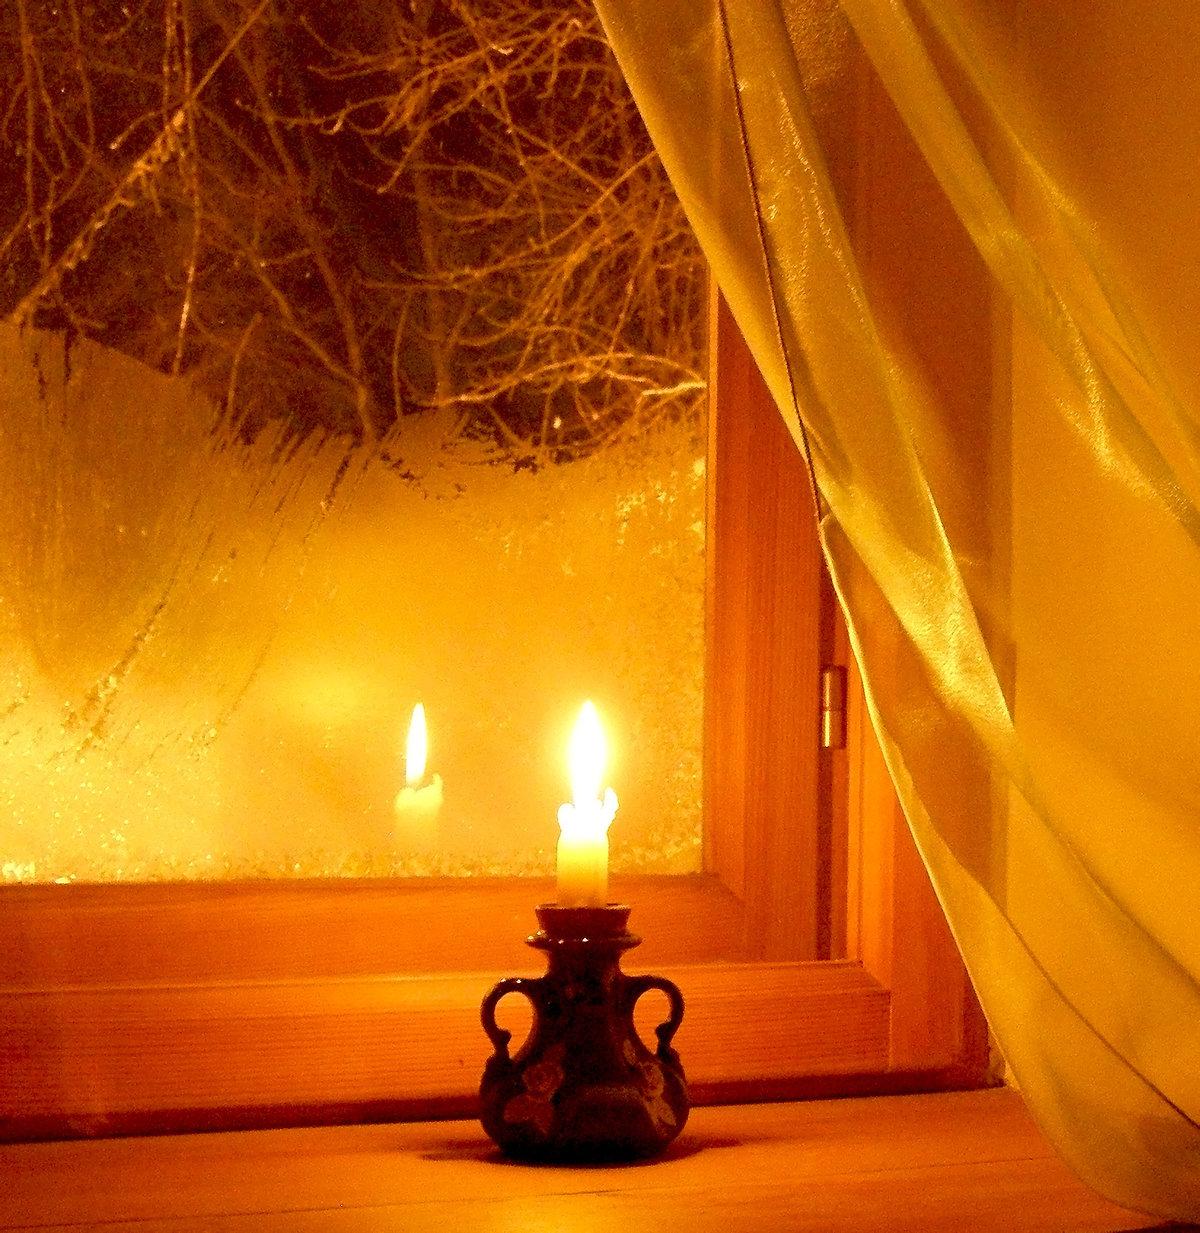 жук теплый вечер фотосессии тем